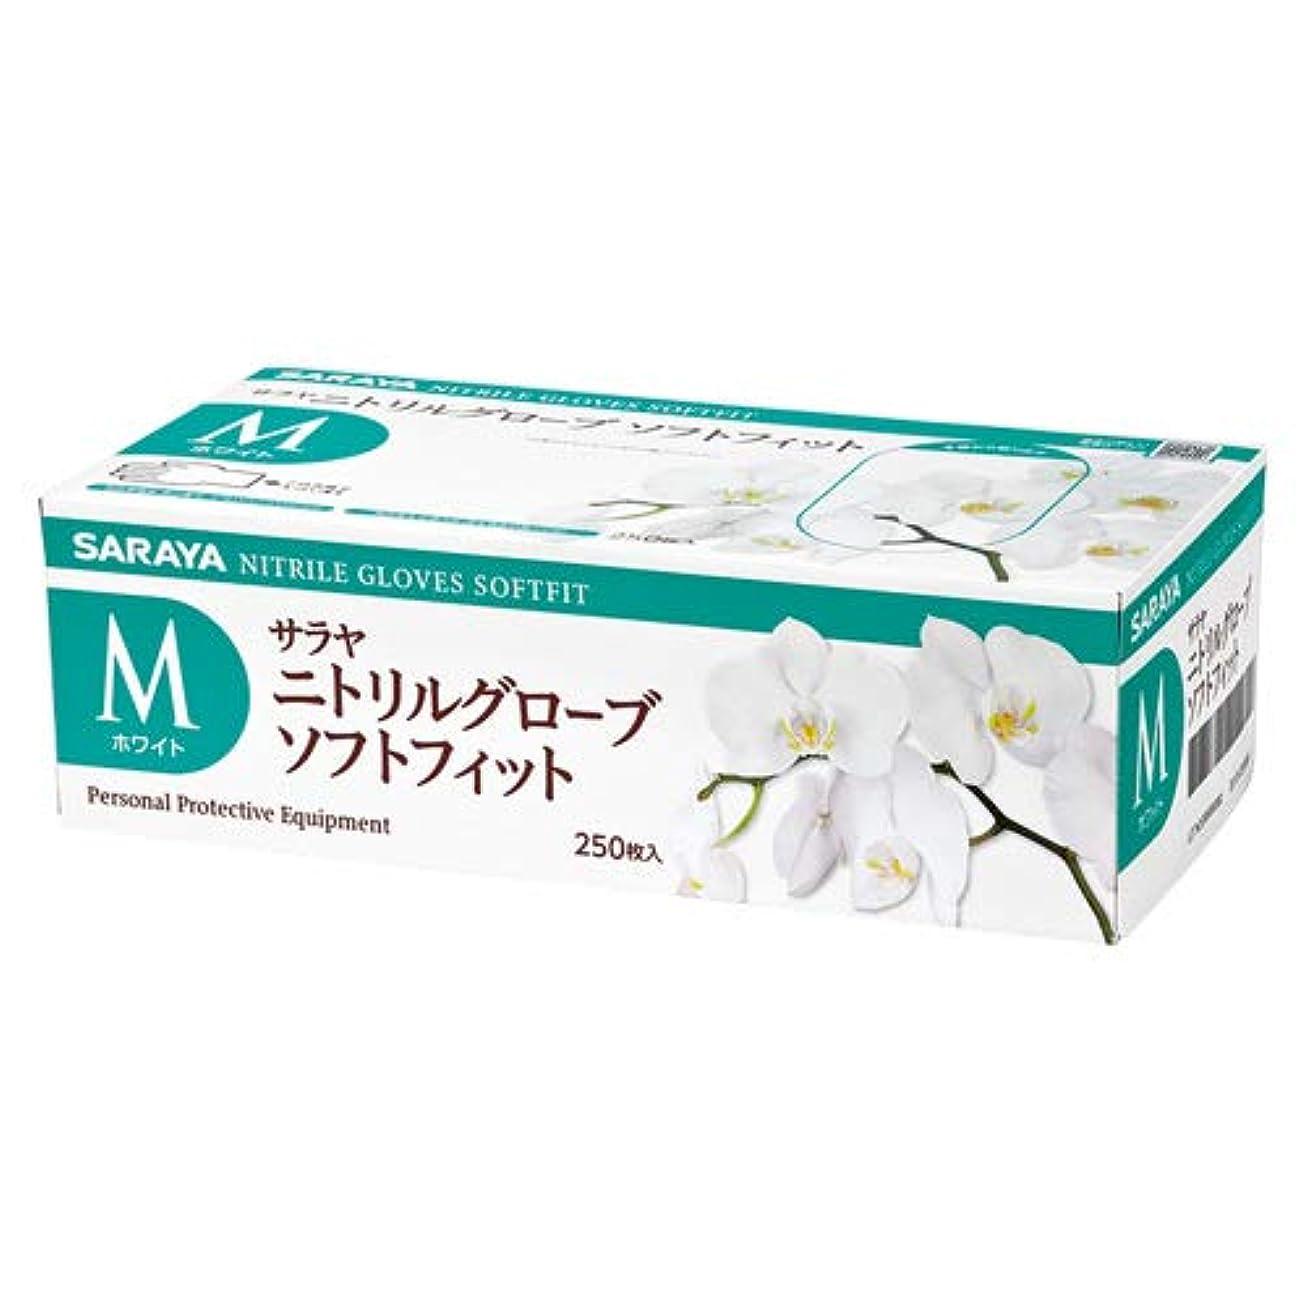 太陽論文歯痛サラヤ 使い捨て手袋 ニトリルグローブ ソフトフィット M ホワイト 250枚